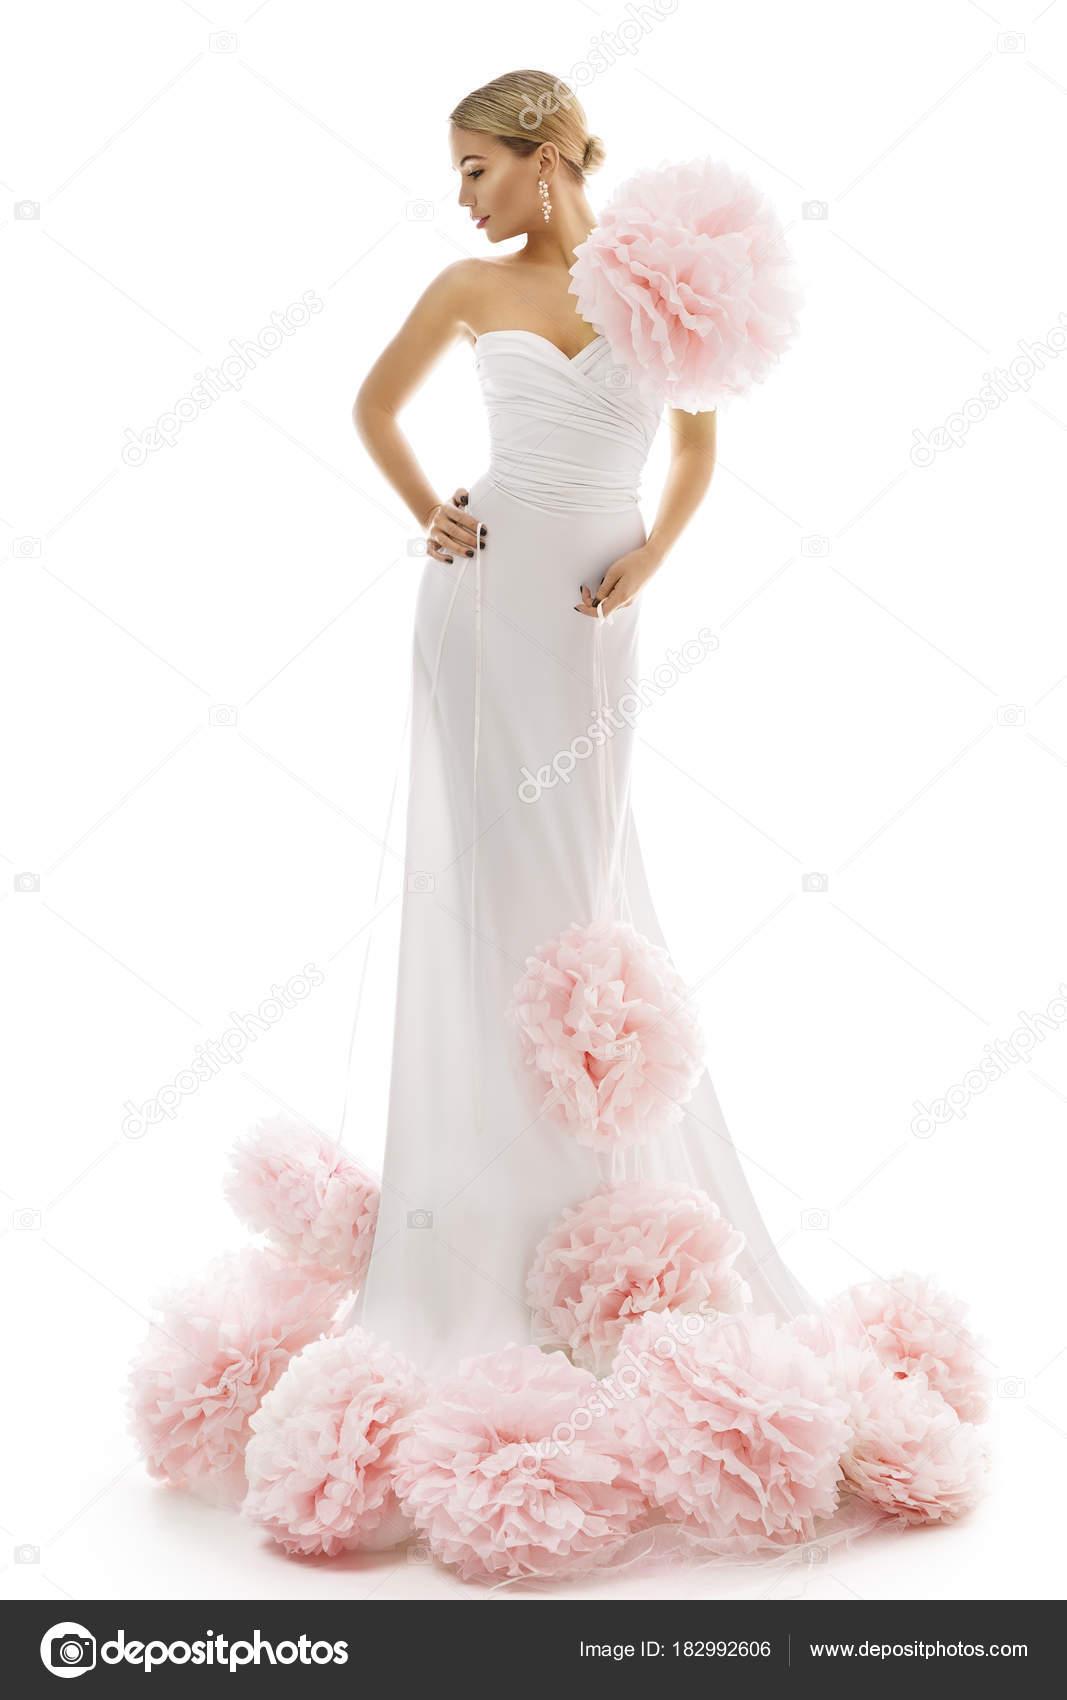 Μόδα μοντέλο μακρύ φόρεμα με Art λουλούδια e9186524587